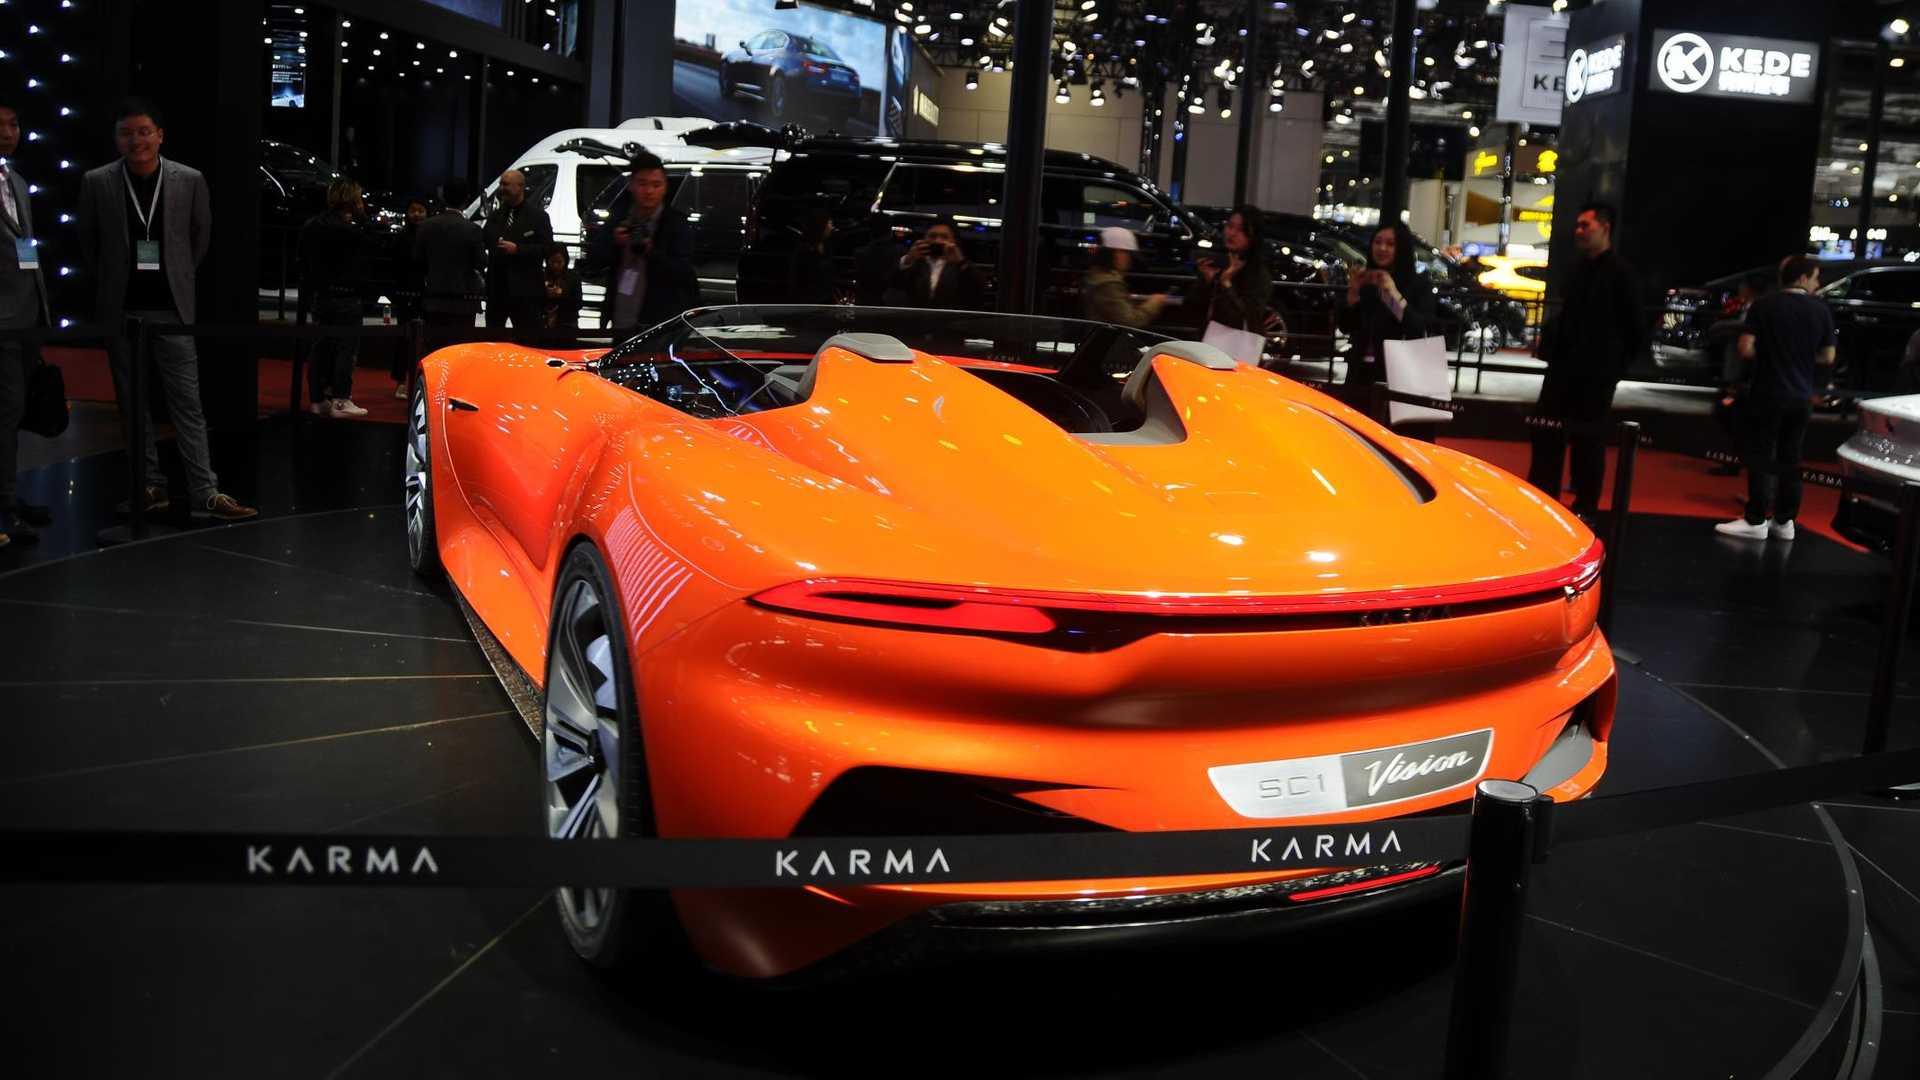 Karma SC1 Vision Concept Photos Videos 1920x1080